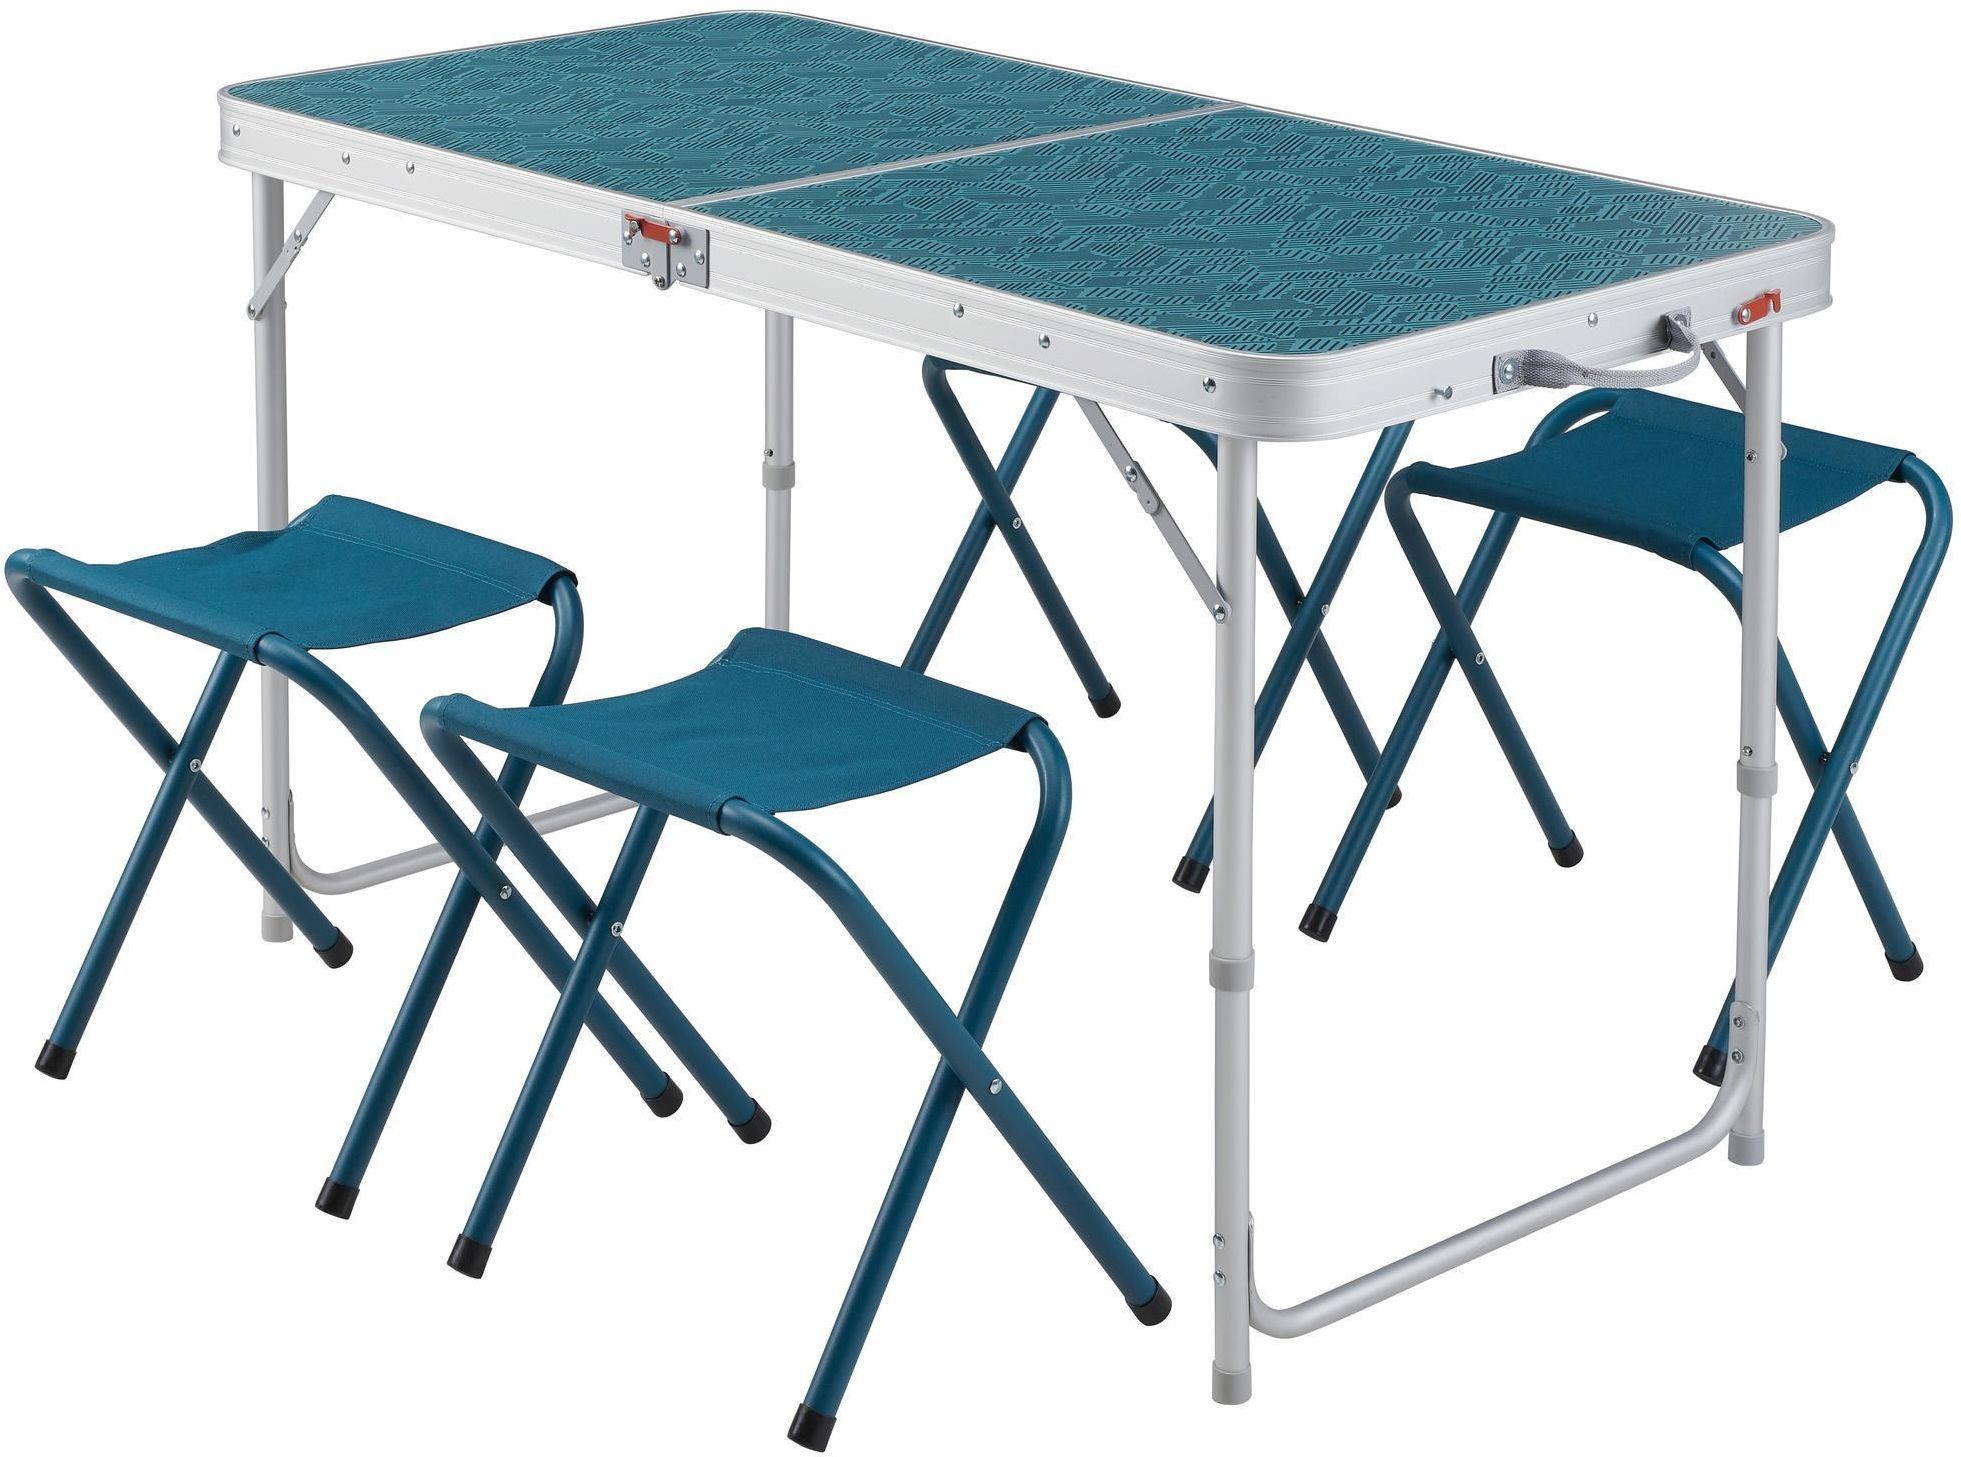 Stół kempingowy składany + 4 taborety 4-6 osób